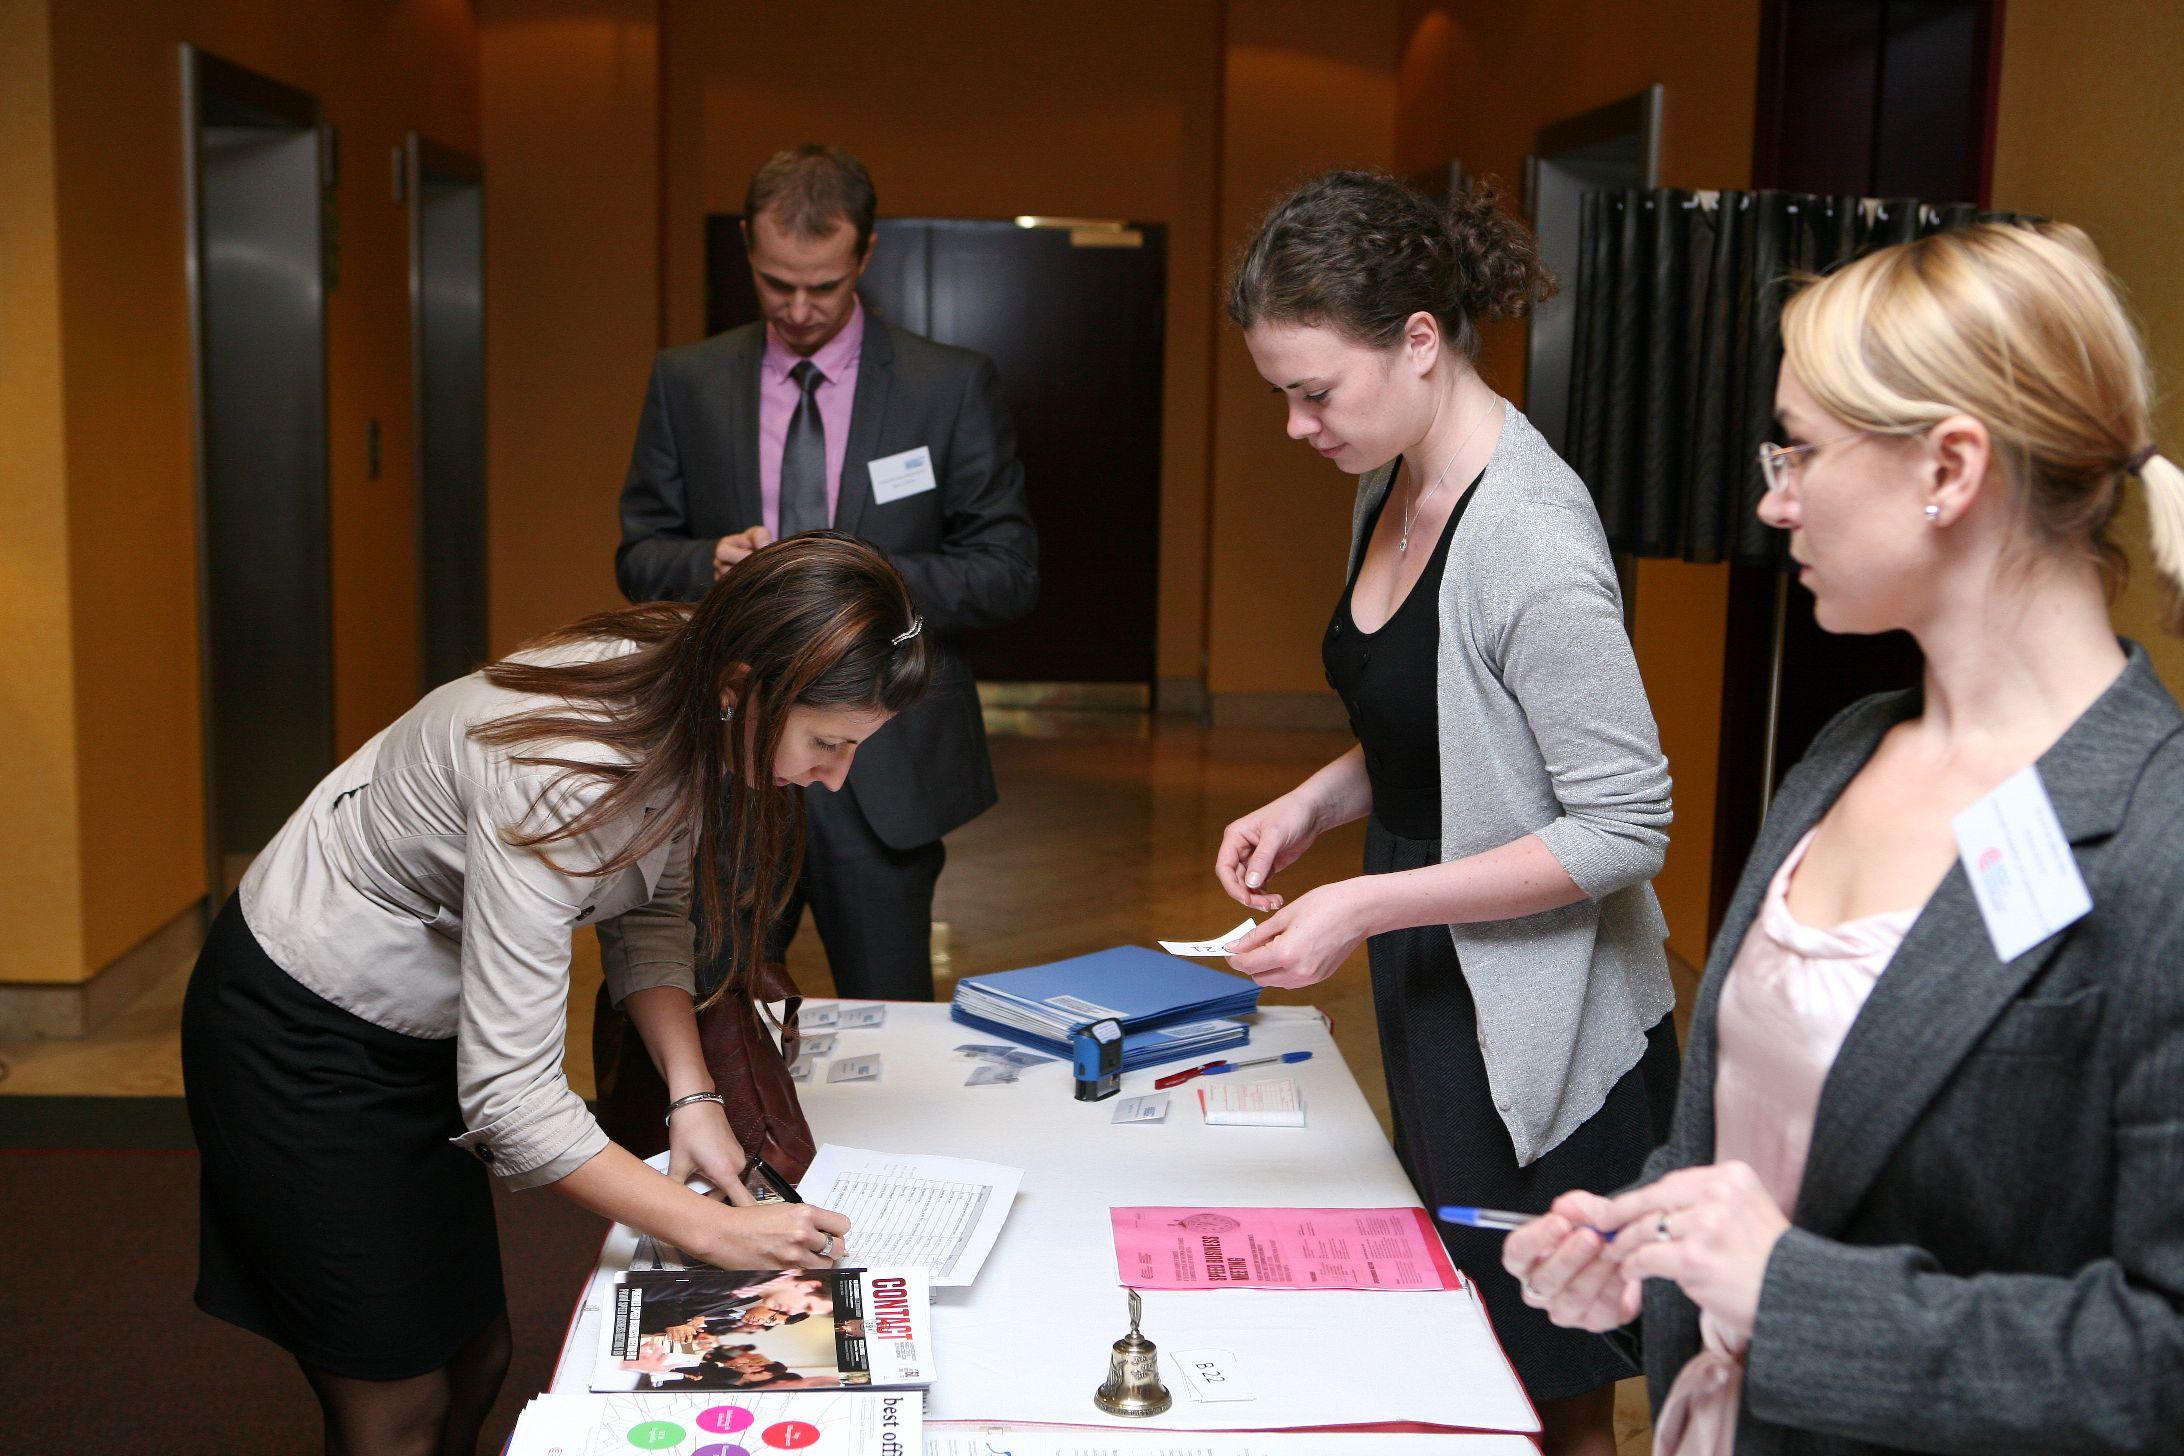 Galerie de photos : SPEED BUSINESS MEETING avec les membres de la Chambre américaine